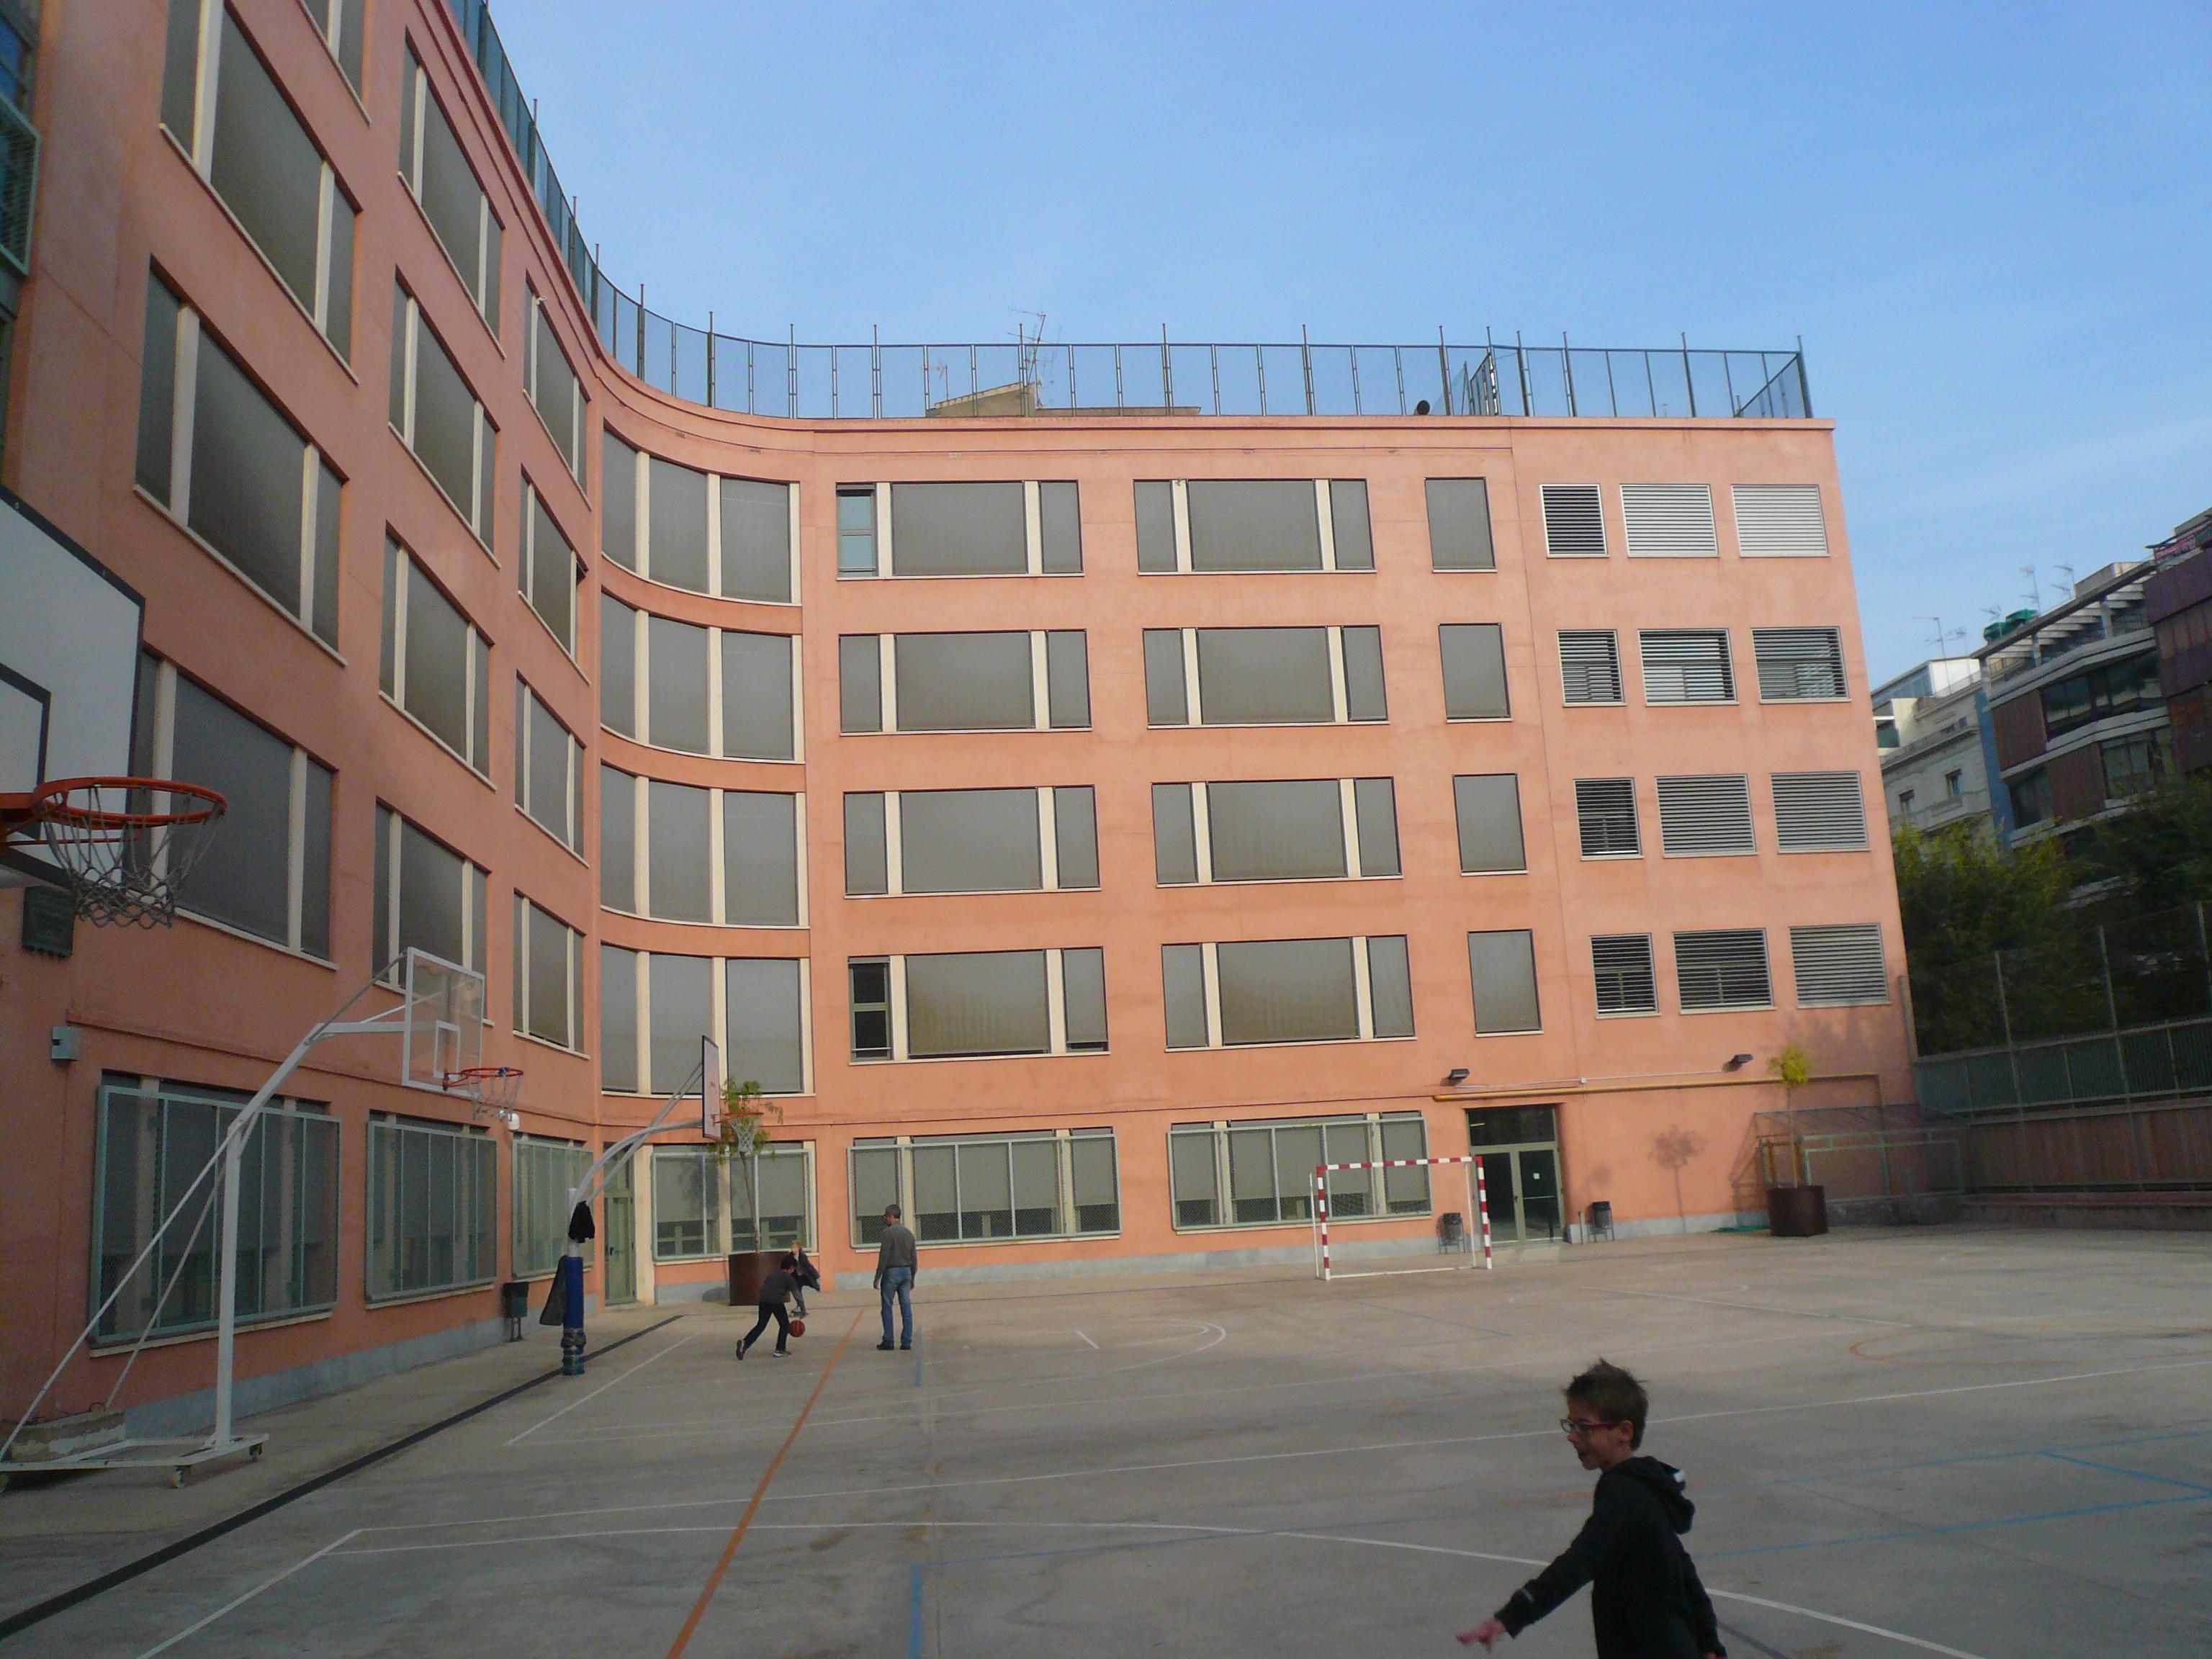 Colegios con desfibriladores y formación RCP, seguridad cardíaca para niños y adultos0 (0)